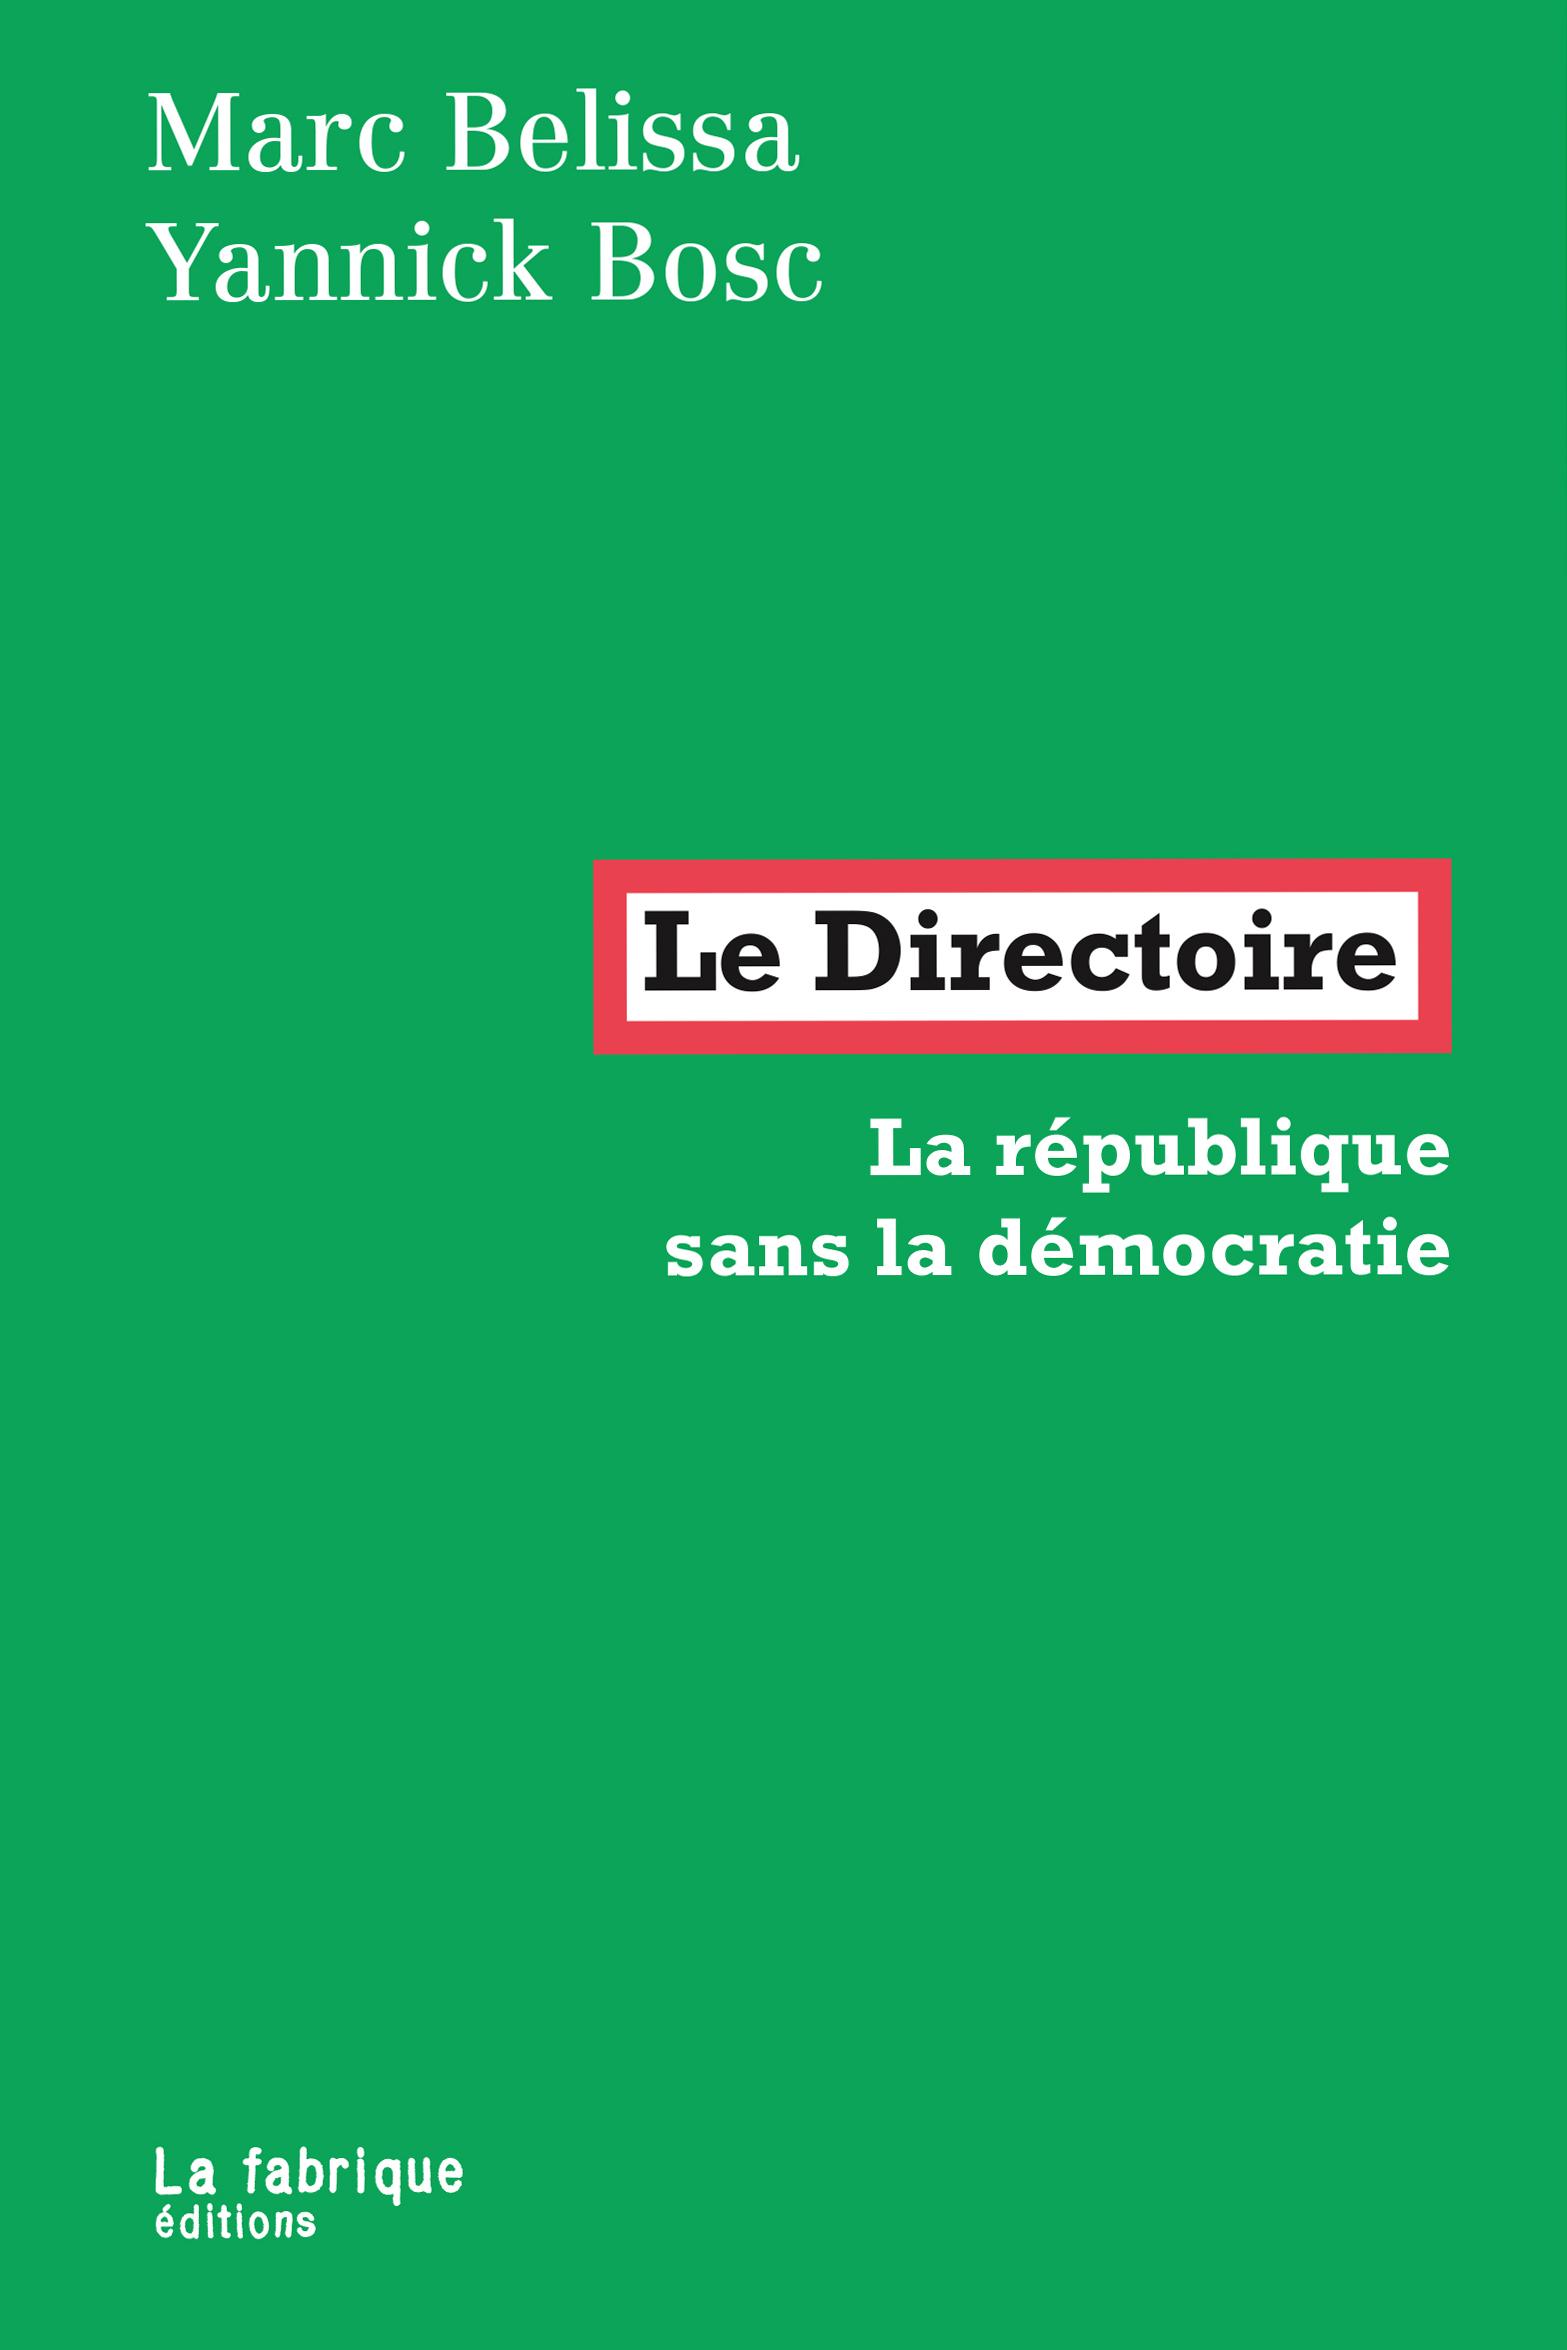 M. Belissa, Y. Bosc, Le Directoire. La république sans la démocratie